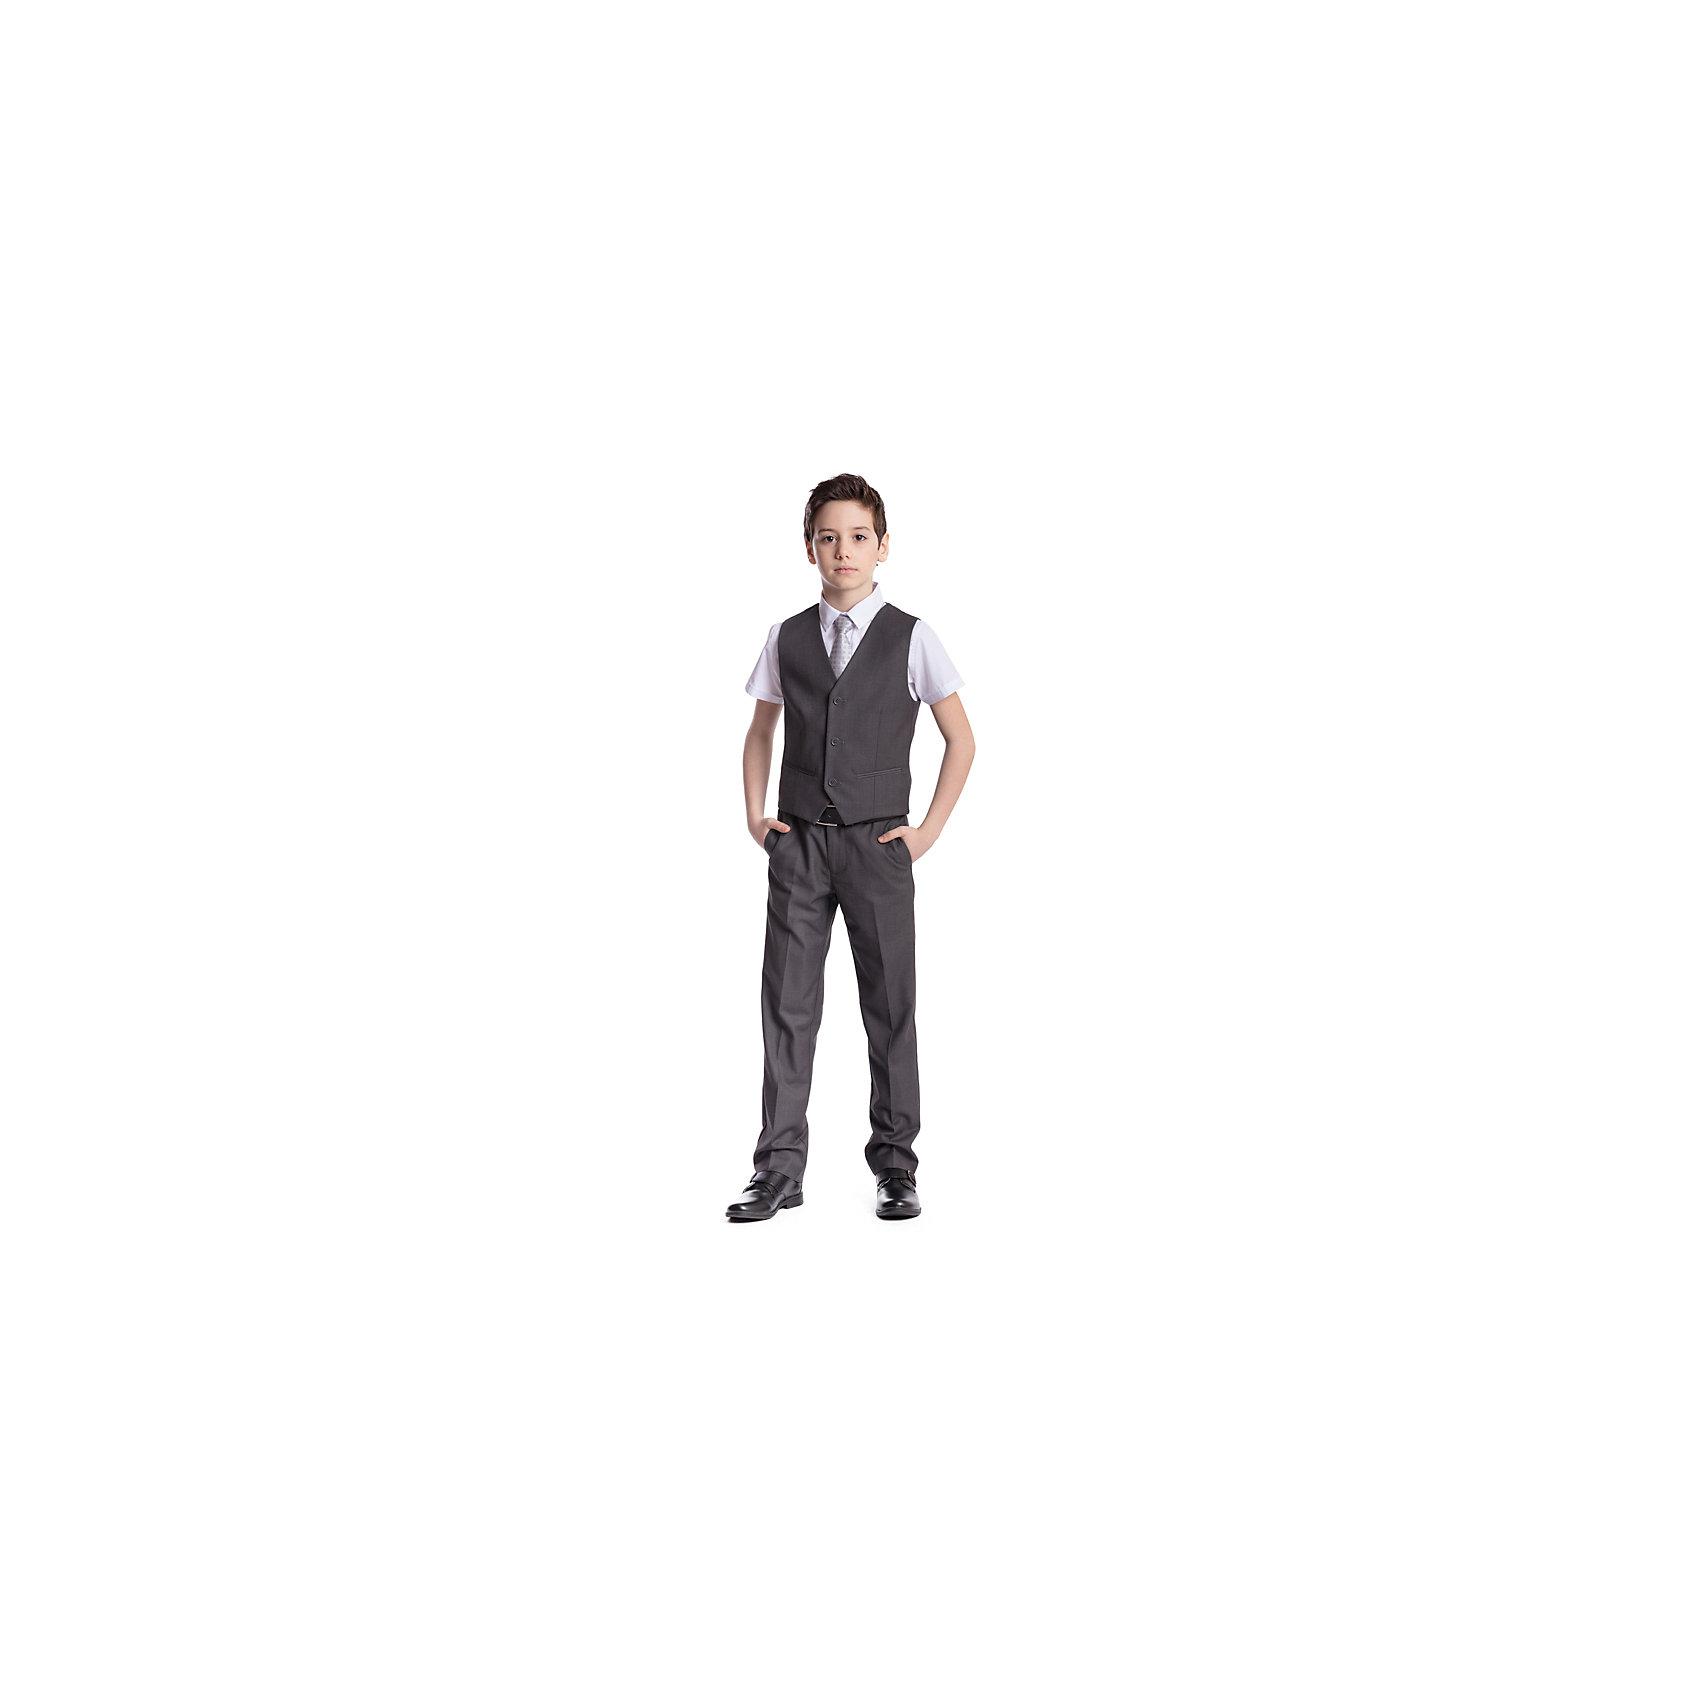 Комплект  для мальчика: брюки, жилет ScoolПиджаки и костюмы<br>Комплект  для мальчика: брюки, жилет Scool<br>Удобный практичный комплект из жилета и брюк в деловом стиле сможет быть как школьной формой, так и одеждой для официальных мероприятий.  Лекало этой модели полностью повторяет лекало модели для взрослого мужчины. Регулируемый ремешок на спинке жилета позволяет изделию хорошо сесть по фигуре. Брюки со стрелками; на внутренней стороне пояса предусмотрена регулировка по талии за счет удобной резинки на пуговицах.Преимущества: Жилет на подкладке из атласной тканиБрюки со шлевками, при необходимости можно использовать ремень<br>Состав:<br>Верх: 65% полиэстер, 35% вискоза, Подкладка: 65% полиэстер 35% вискоза<br><br>Ширина мм: 215<br>Глубина мм: 88<br>Высота мм: 191<br>Вес г: 336<br>Цвет: серый<br>Возраст от месяцев: 156<br>Возраст до месяцев: 168<br>Пол: Мужской<br>Возраст: Детский<br>Размер: 164,122,128,134,140,146,152,158<br>SKU: 6754417